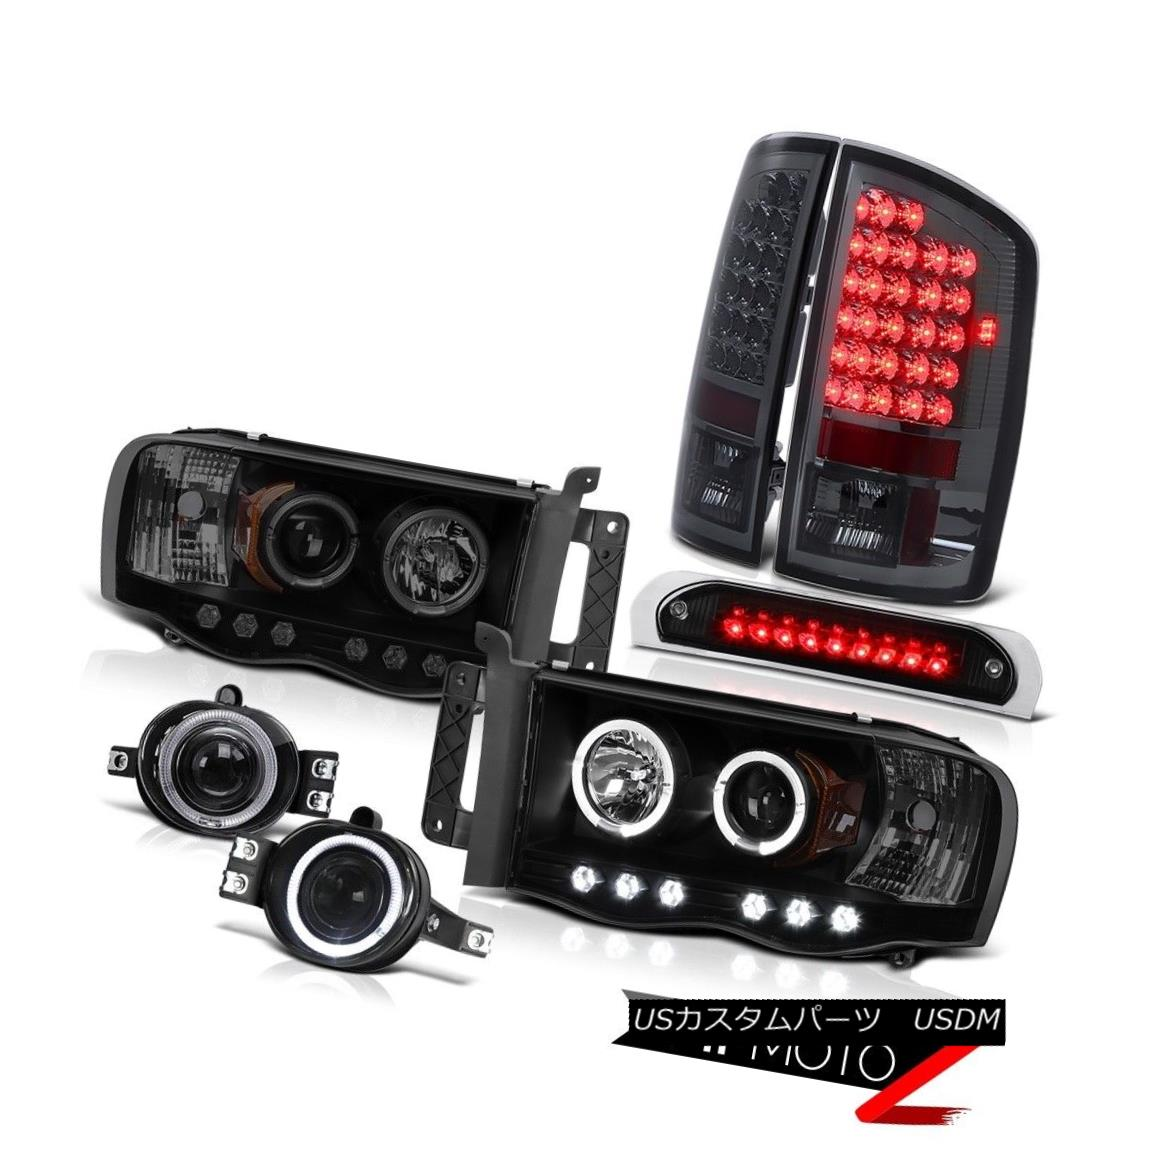 【レビューを書けば送料当店負担】 テールライト Smoke Halo LED Smoke Headlights Dodge L.E.D Tail Dodge Lamp Euro Fog Third Brake 02-05 Dodge Ram スモークハローLEDヘッドライトL.E.Dテールランプユーロフォッグサードブレーキ02-05 Dodge Ram, 元祖ティラミスチョコピュアレ:c6f70285 --- esef.localized.me